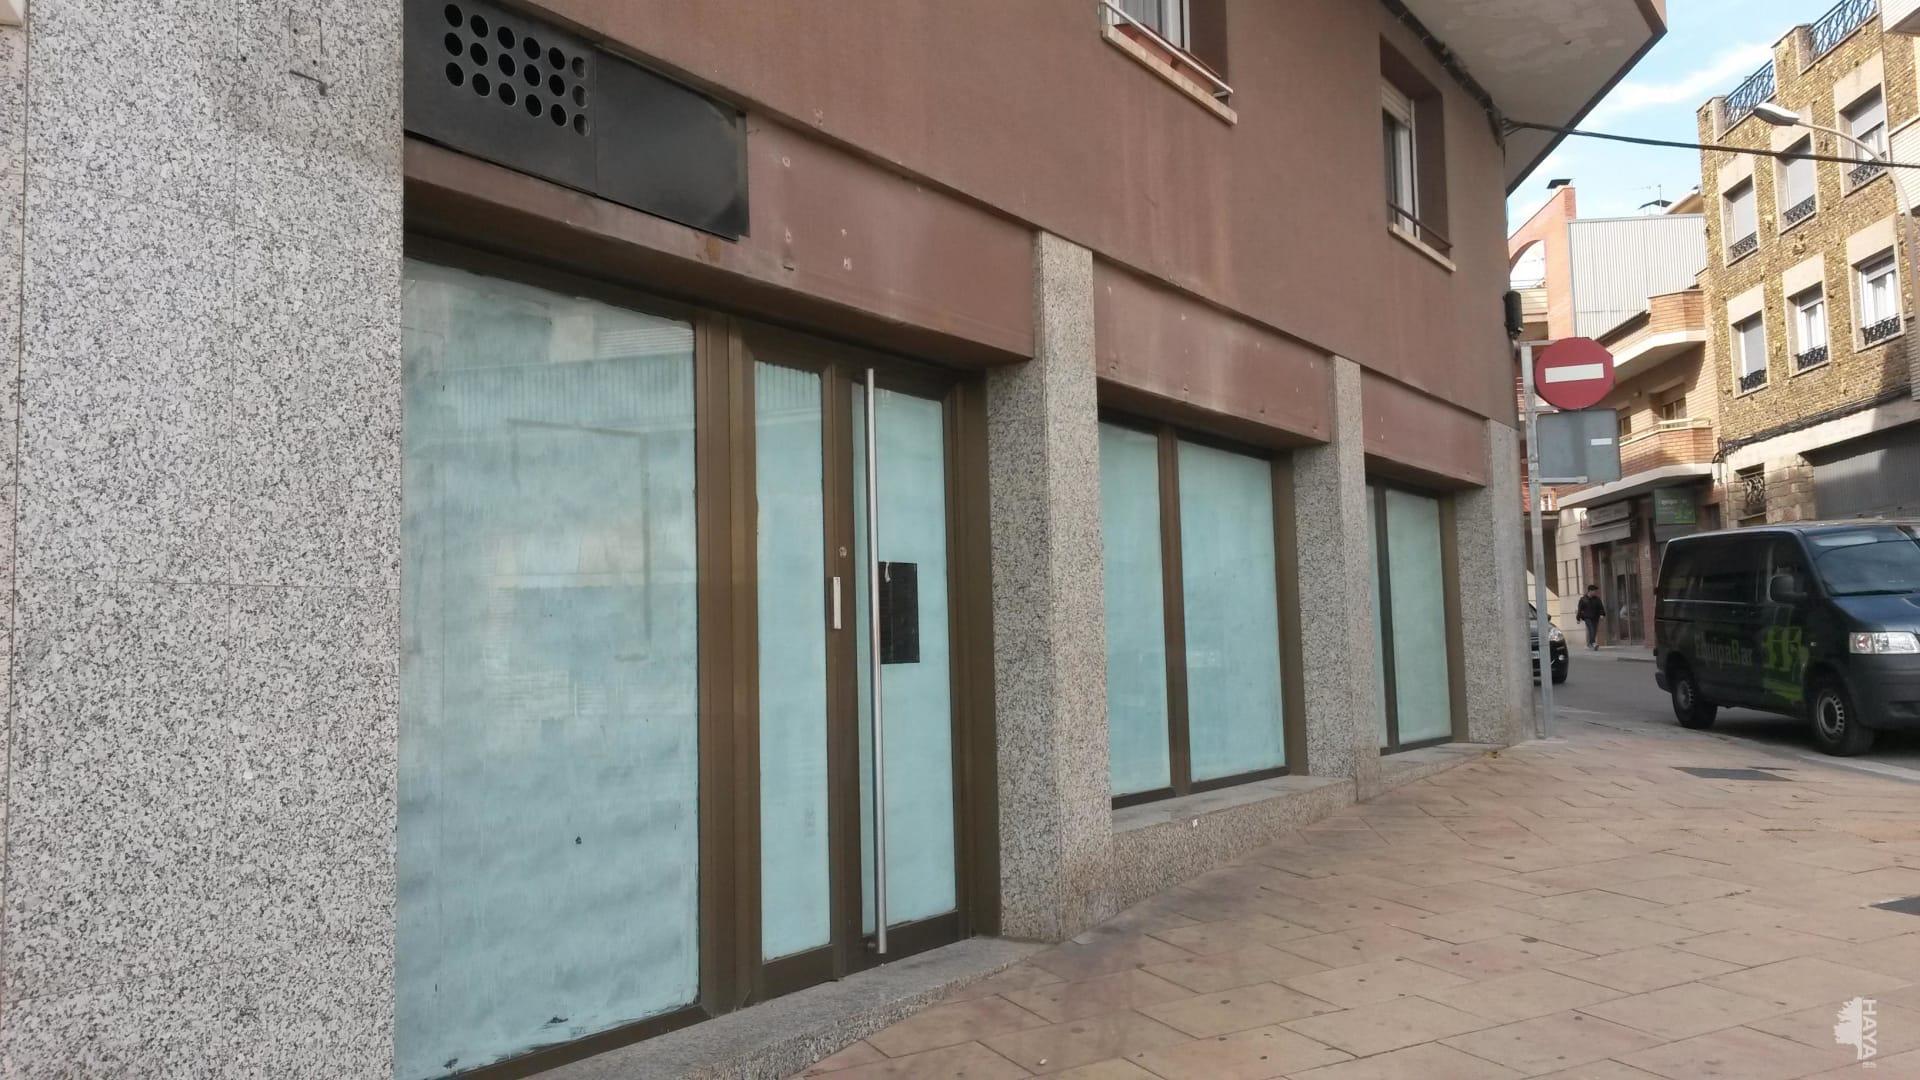 Local en venta en Igualada, Barcelona, Calle Comarca, 88.000 €, 137 m2